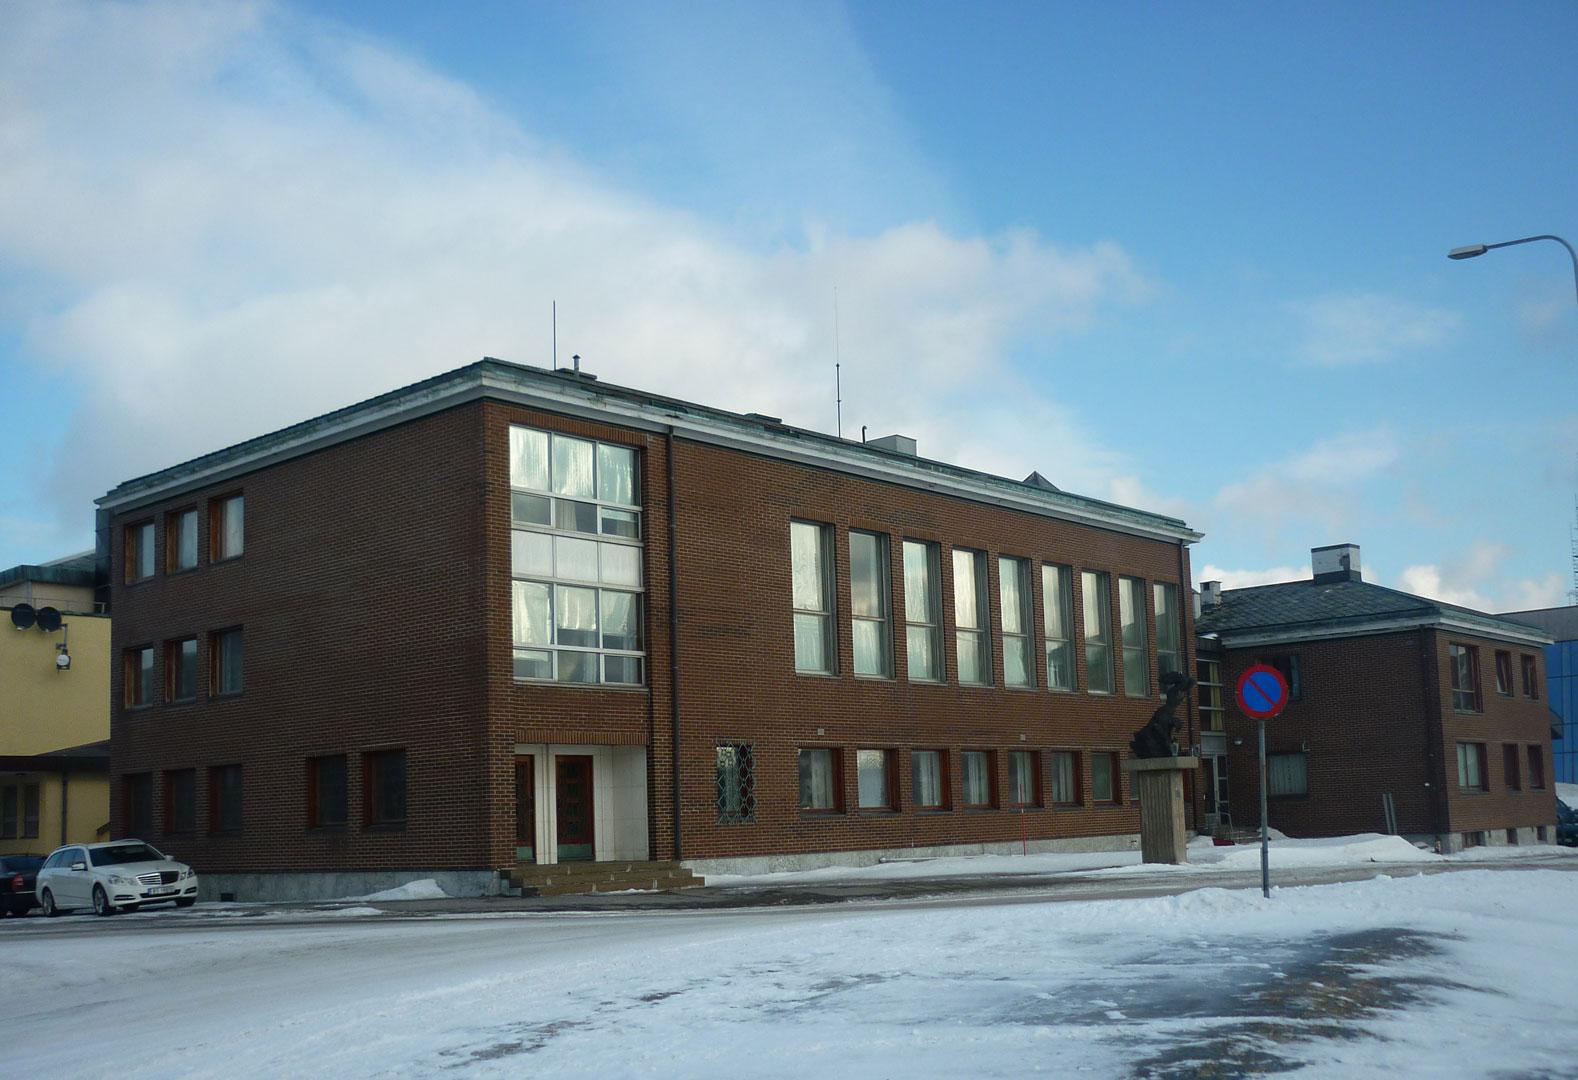 Bilde av Norges Banks tidligere avdelingskontor i Vardø. Foto: Siri Schrøder Vesterkjær, Riksantikvaren